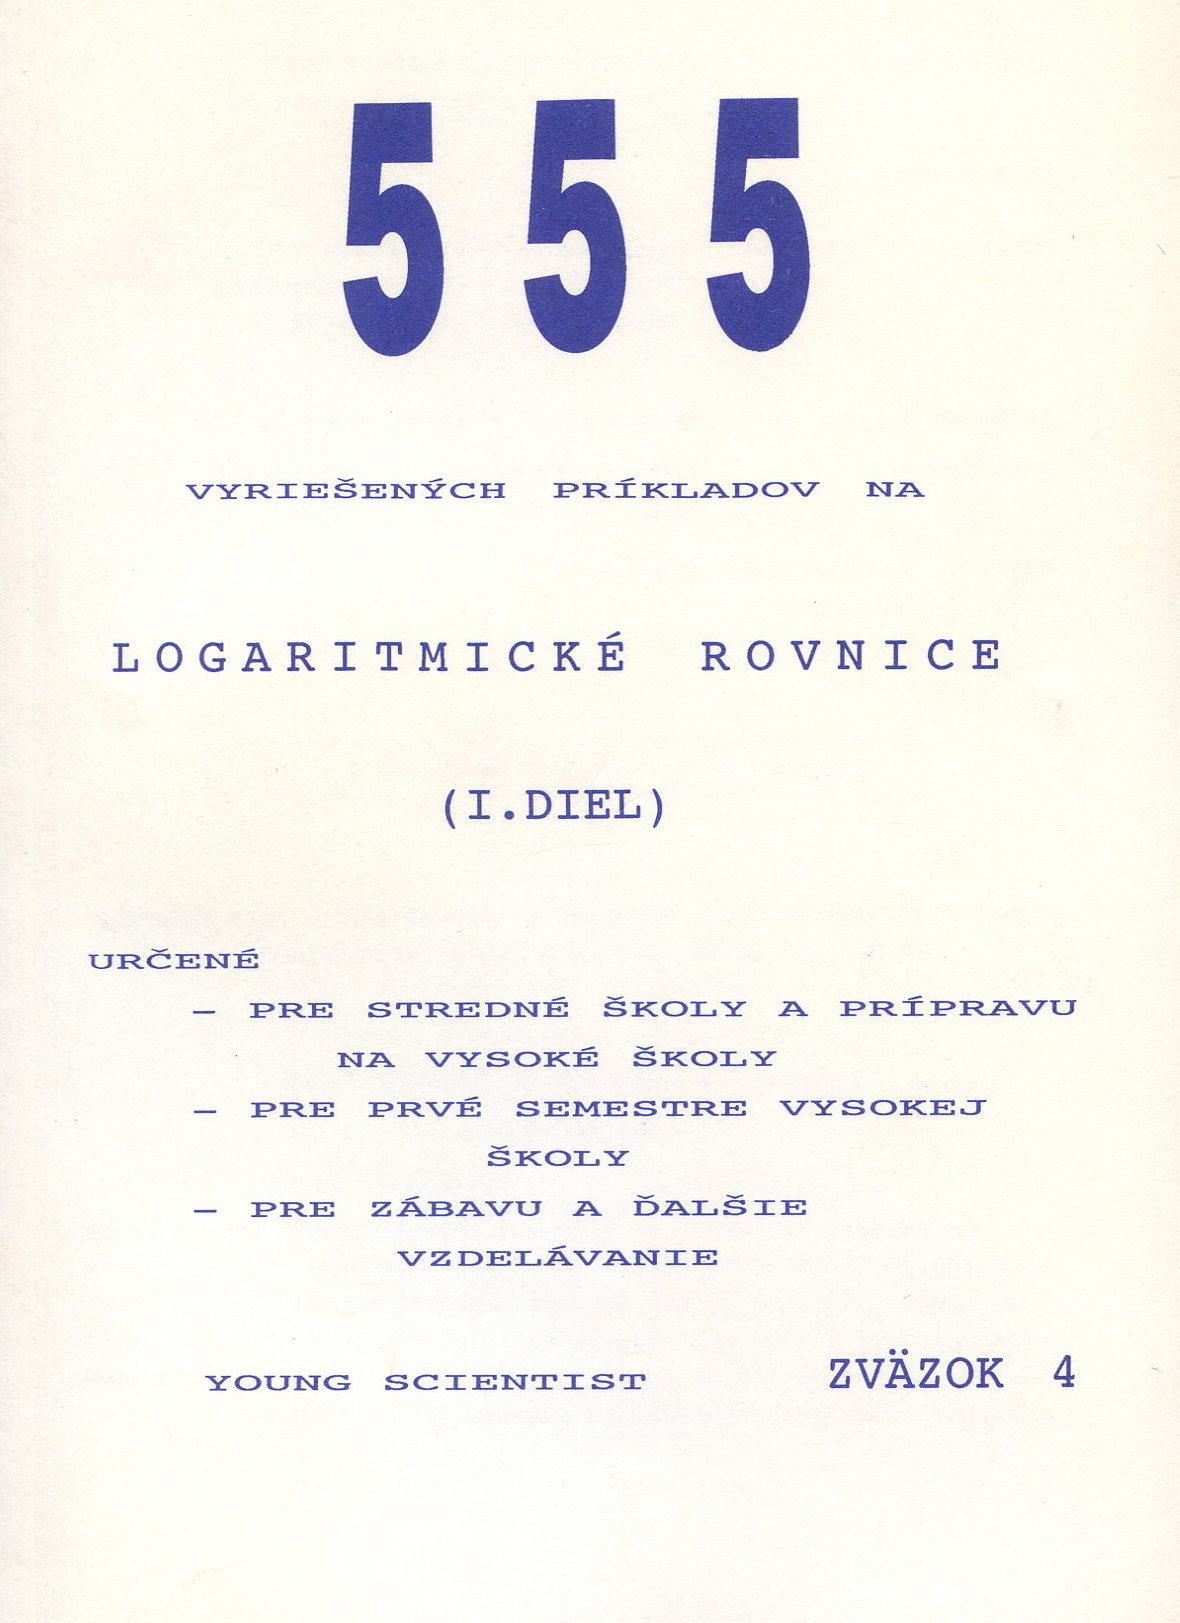 Logaritmické rovnice, I. diel - 555 vyriešených príkladov